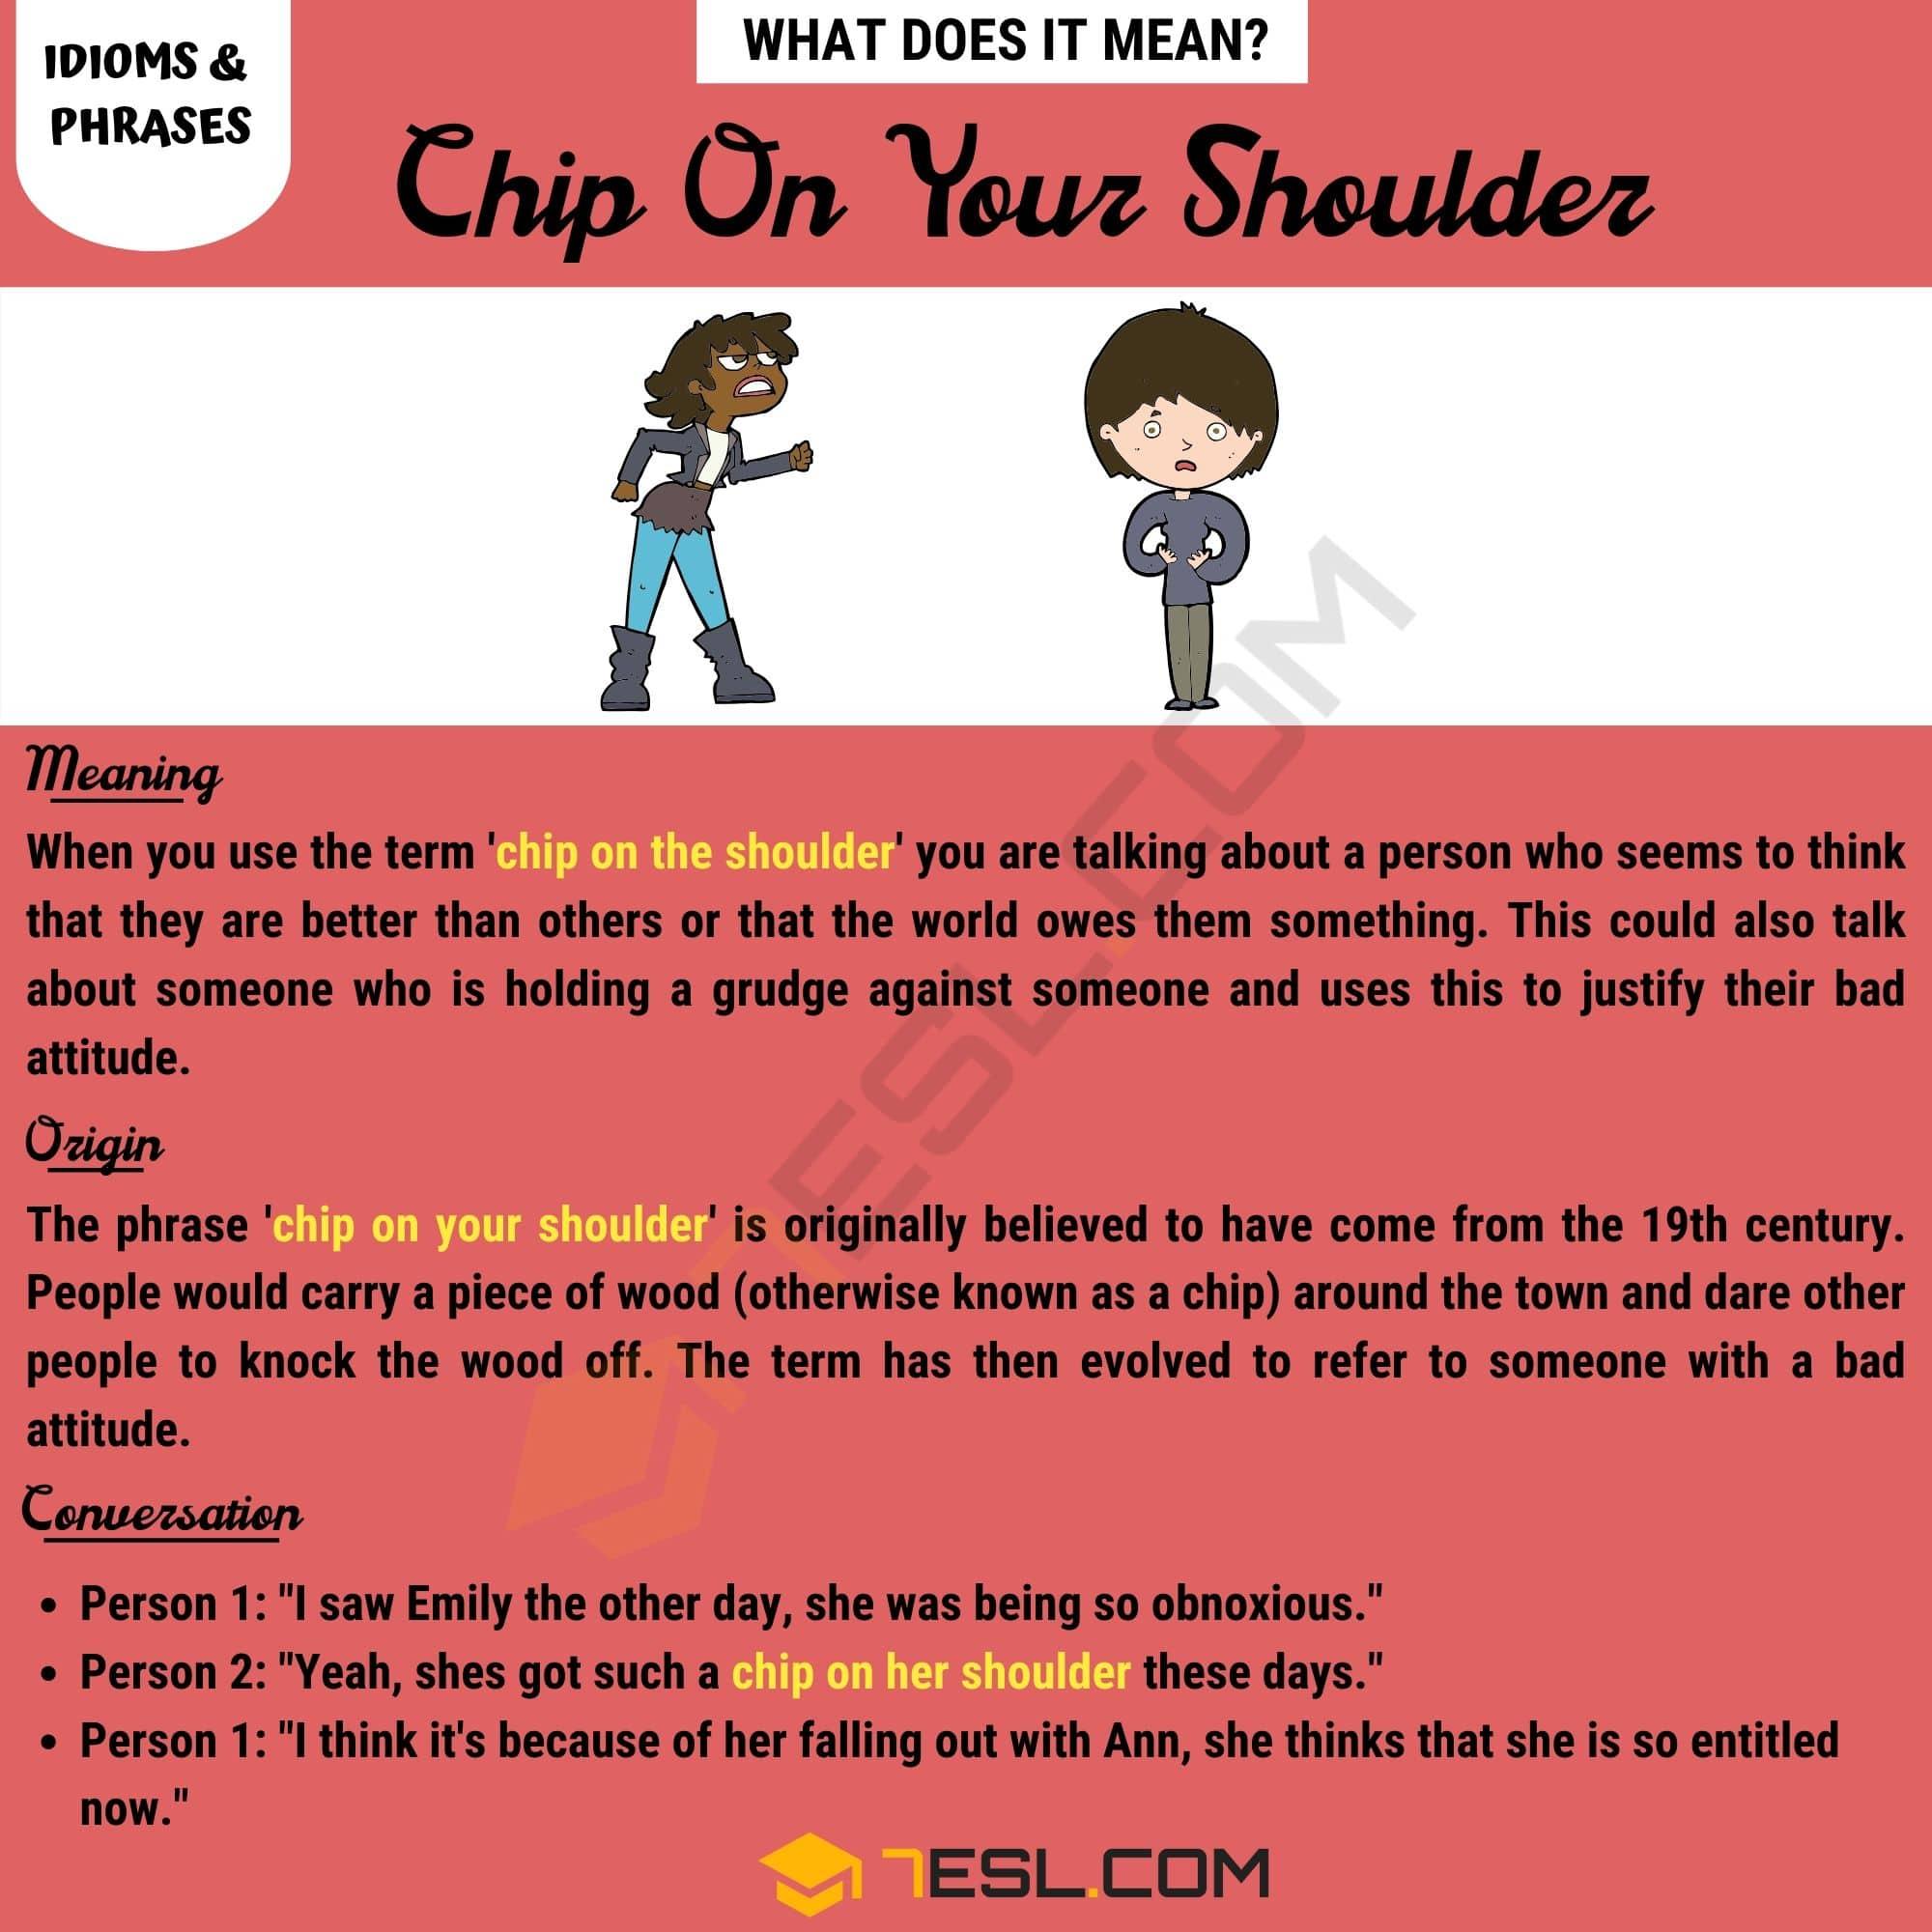 Chip On Your Shoulder